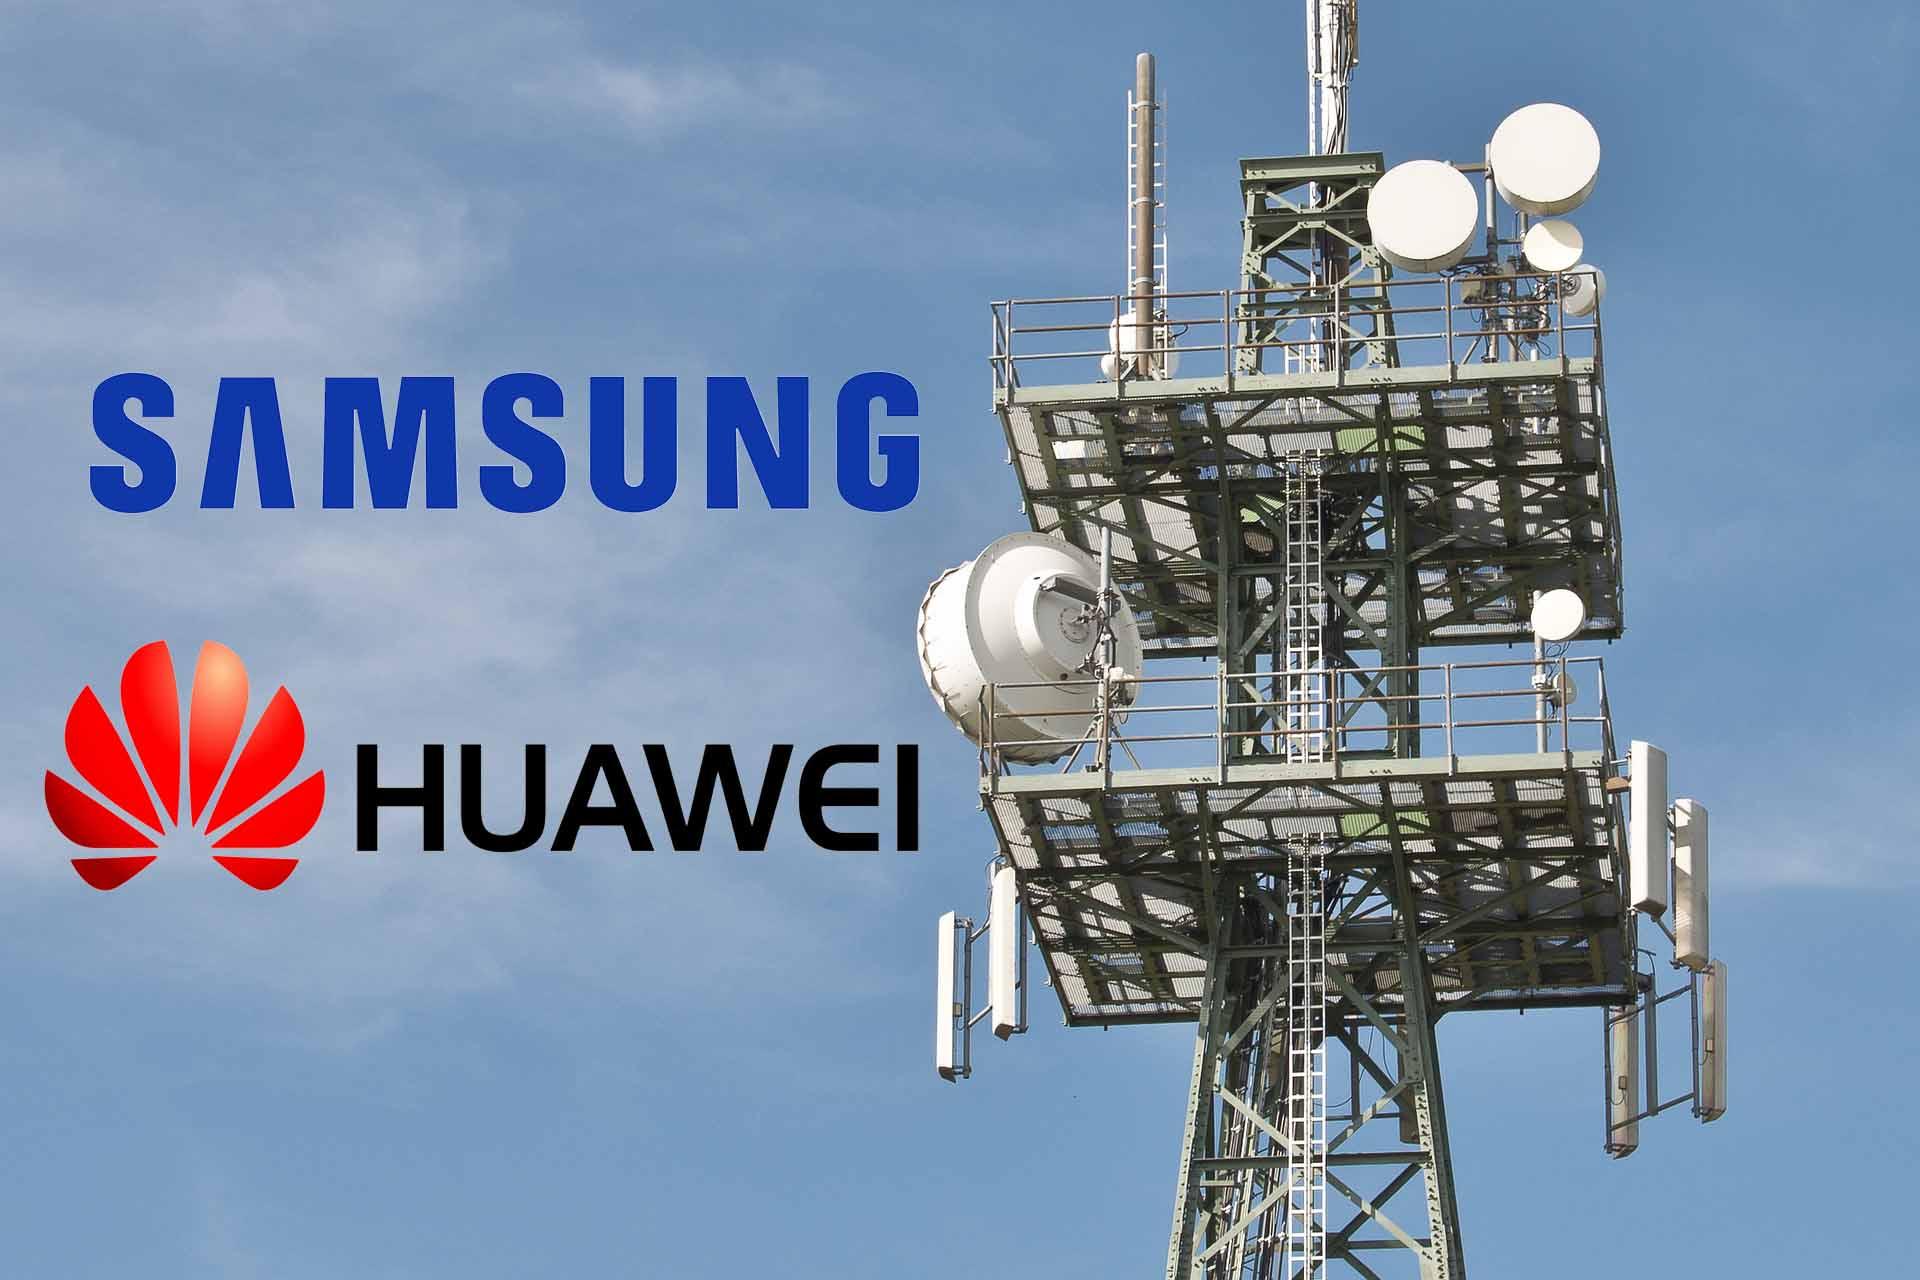 Le malheur de Huawei fait le bonheur de Samsung qui en profiterait pour s'imposer sur le marché de la 5G